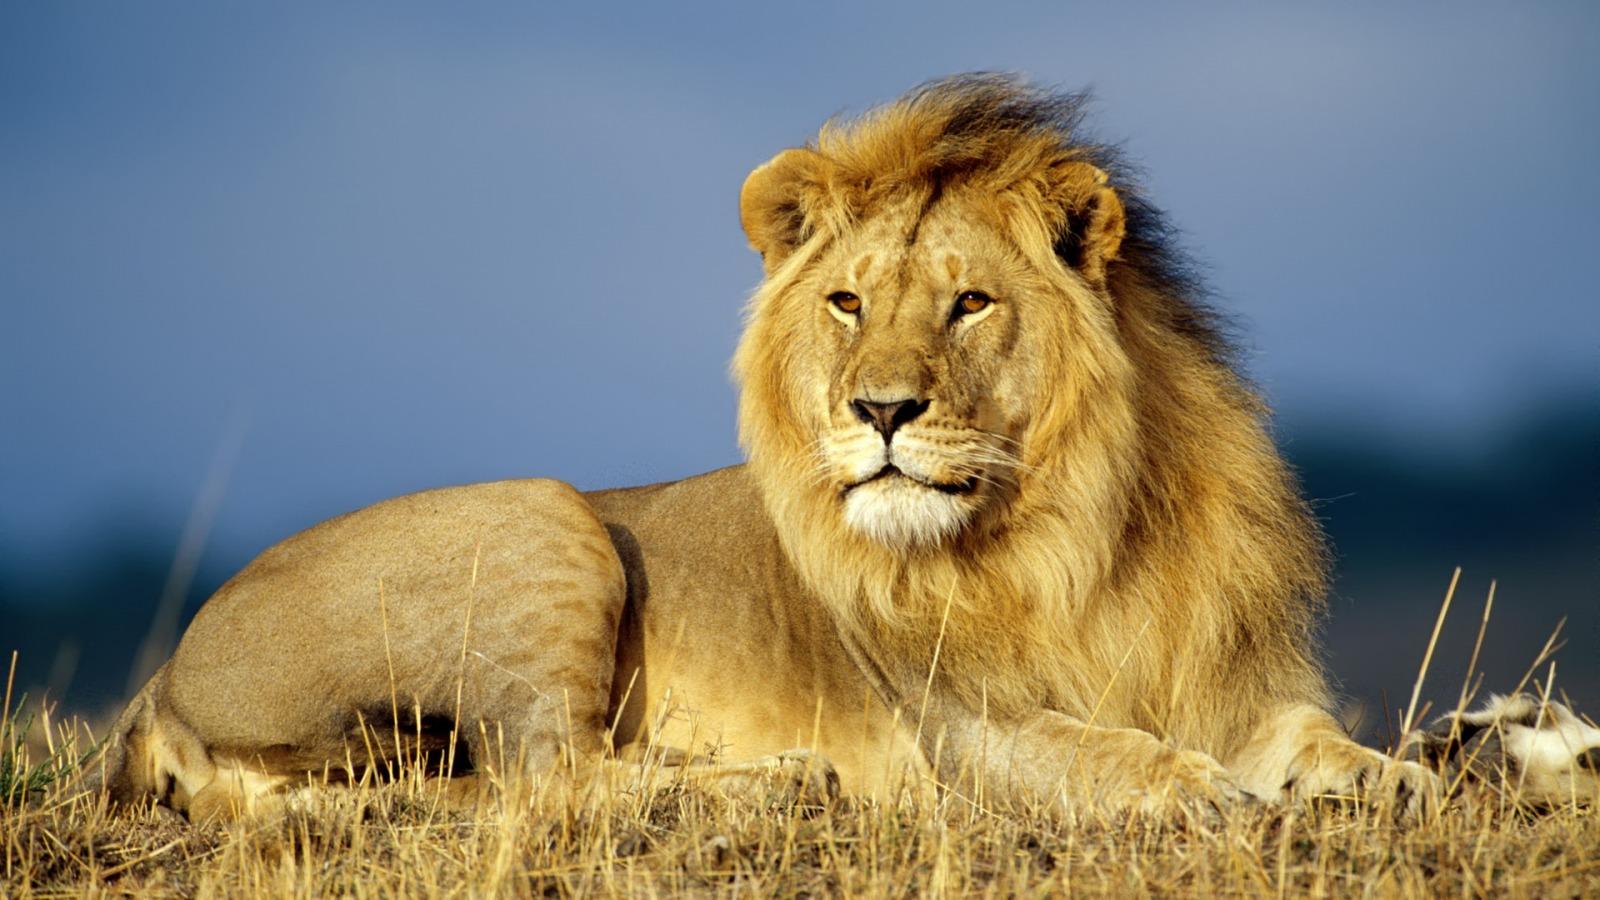 Imagenes leones